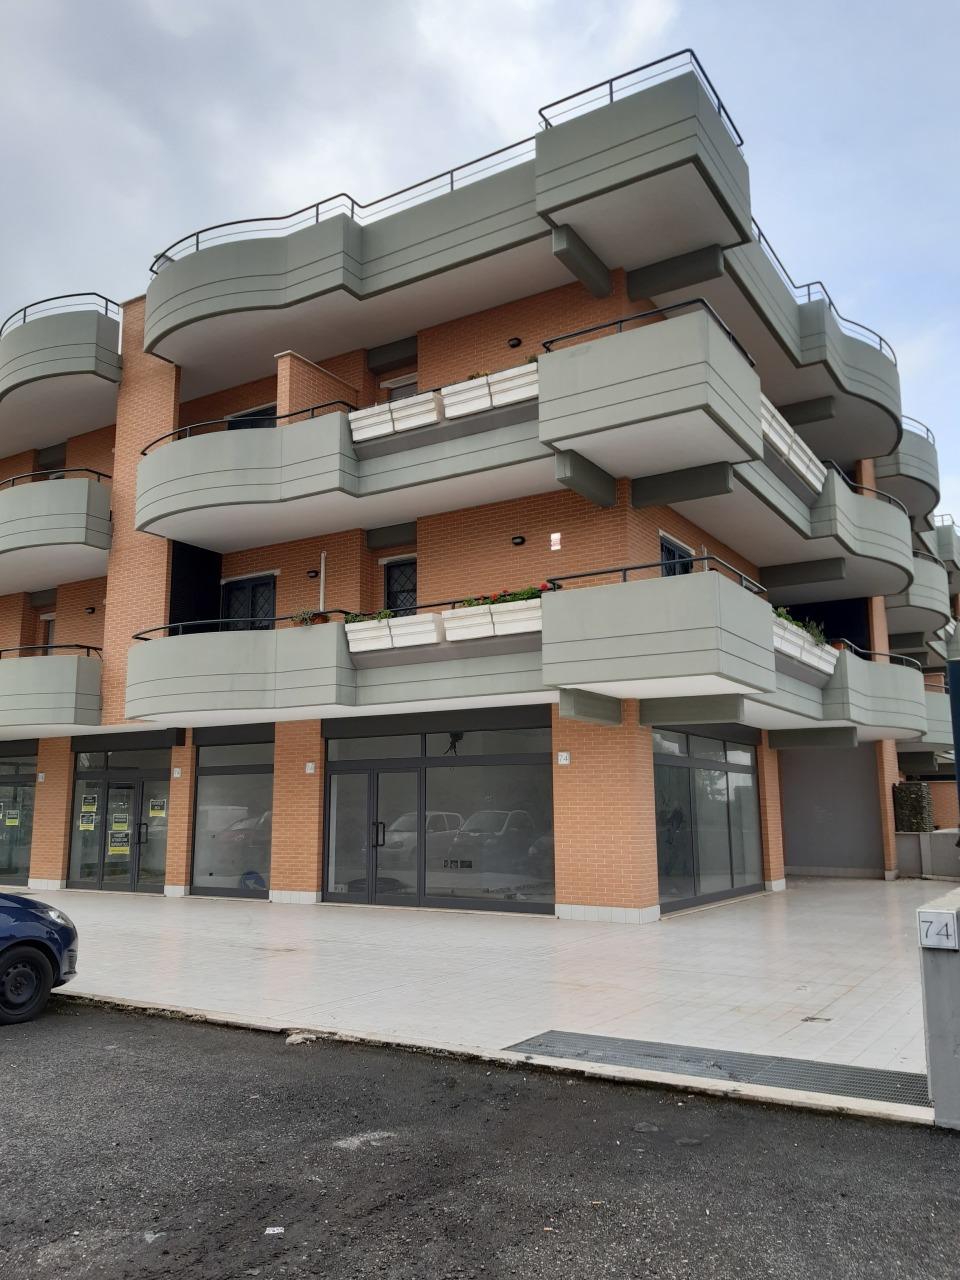 Locale commerciale - 3 Vetrine a Roma Rif. 12275641